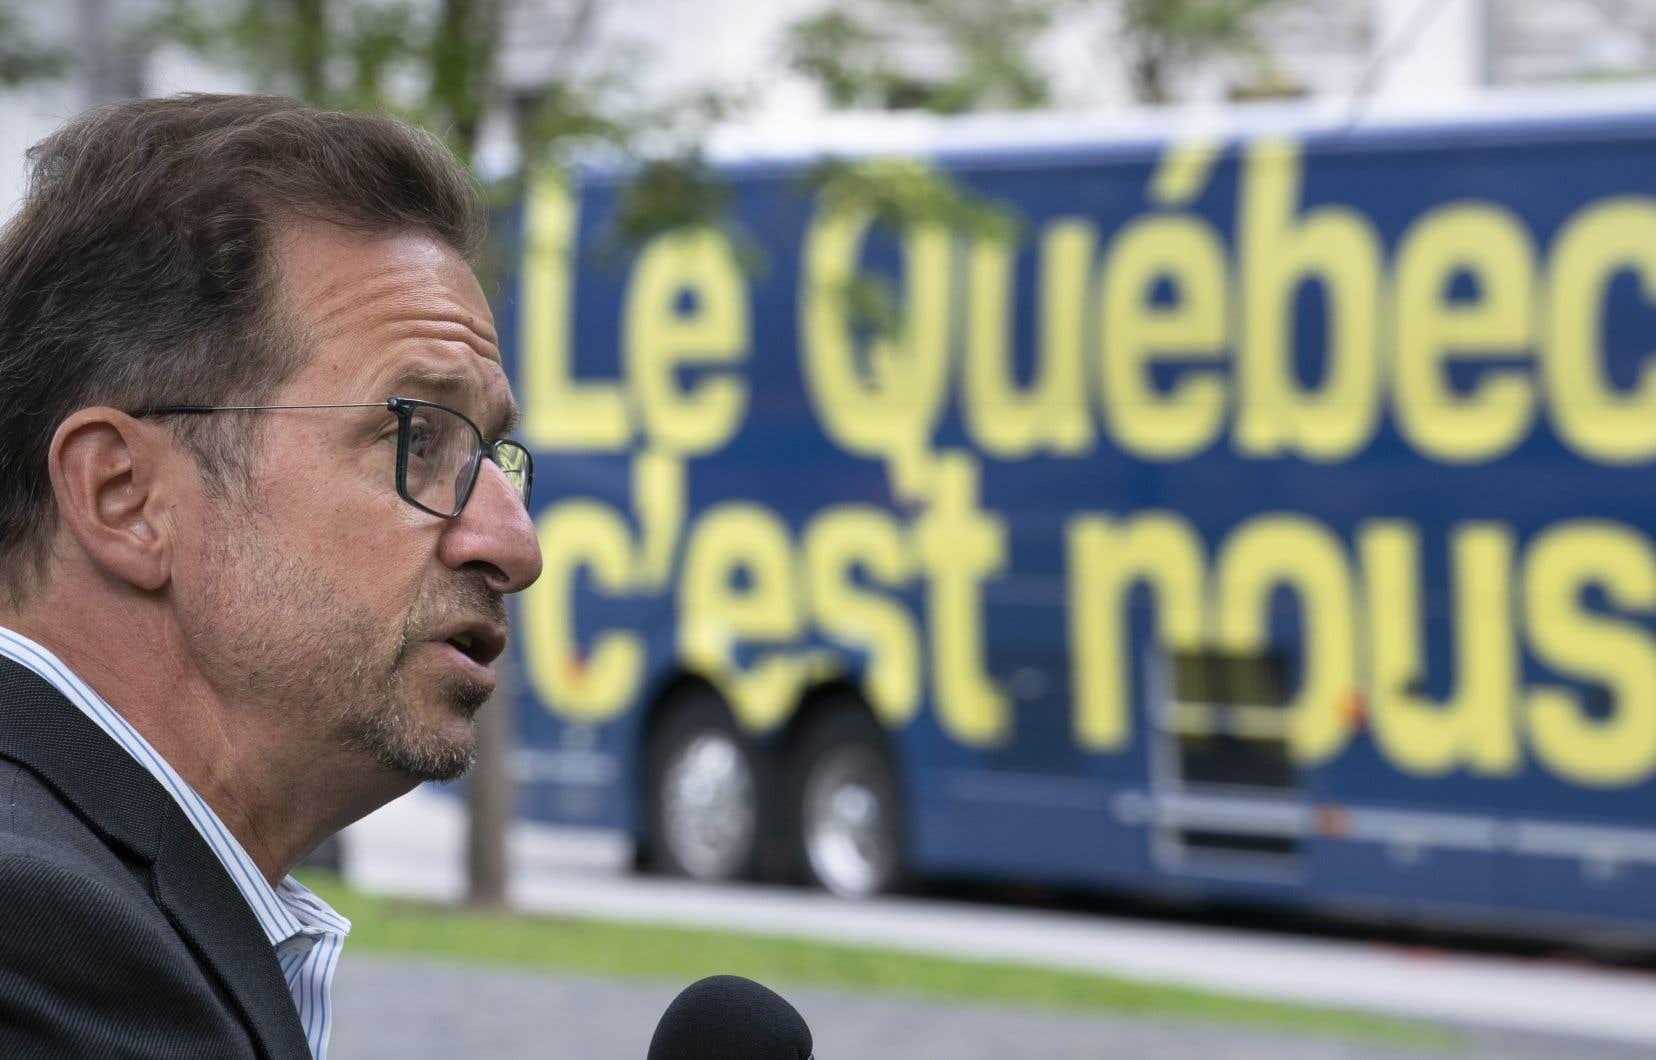 Yves-François Blanchet soutient que la loi québécoise de la laïcité relève exclusivement de Québec et souhaite maintenant parler d'autres enjeux.